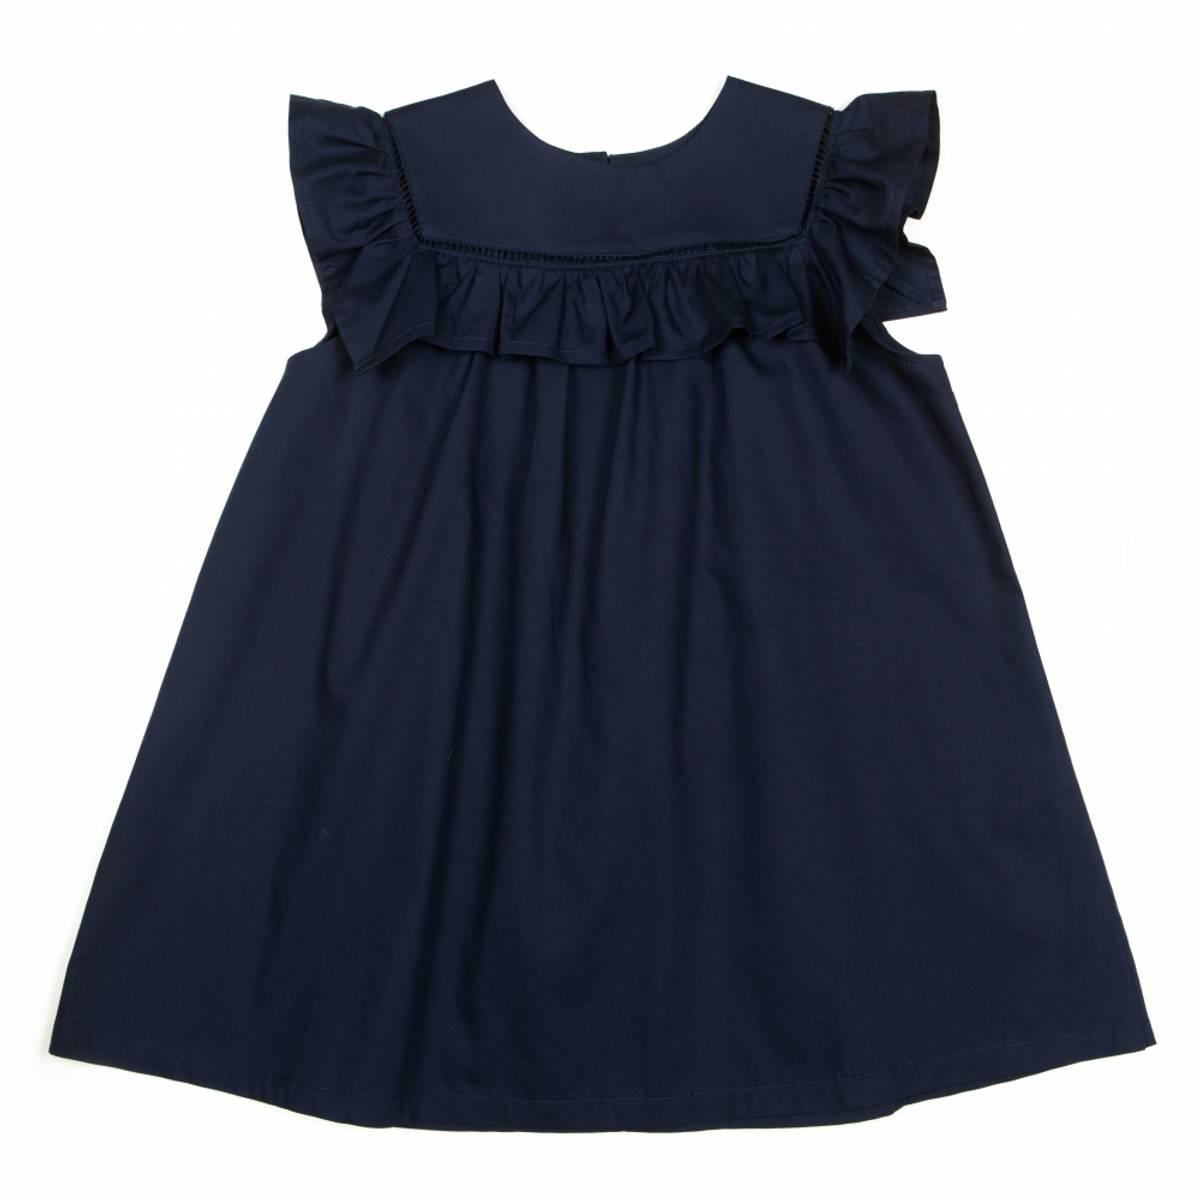 Huttelihut Crowny kjole - navy poplin